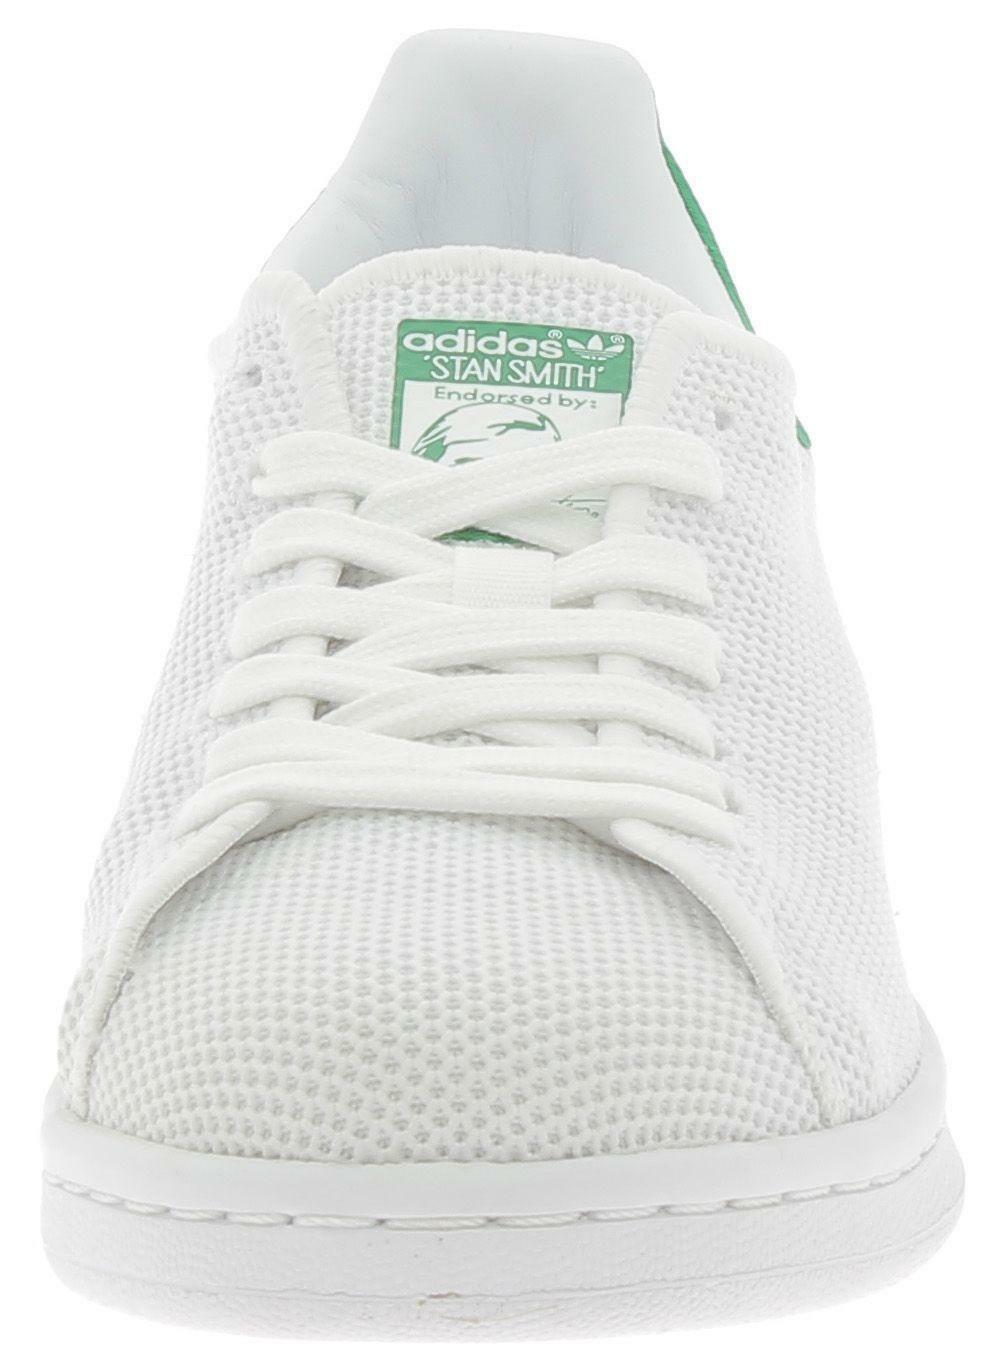 Stan Smith Adidas Ebay Scarpe uOZwXilPkT